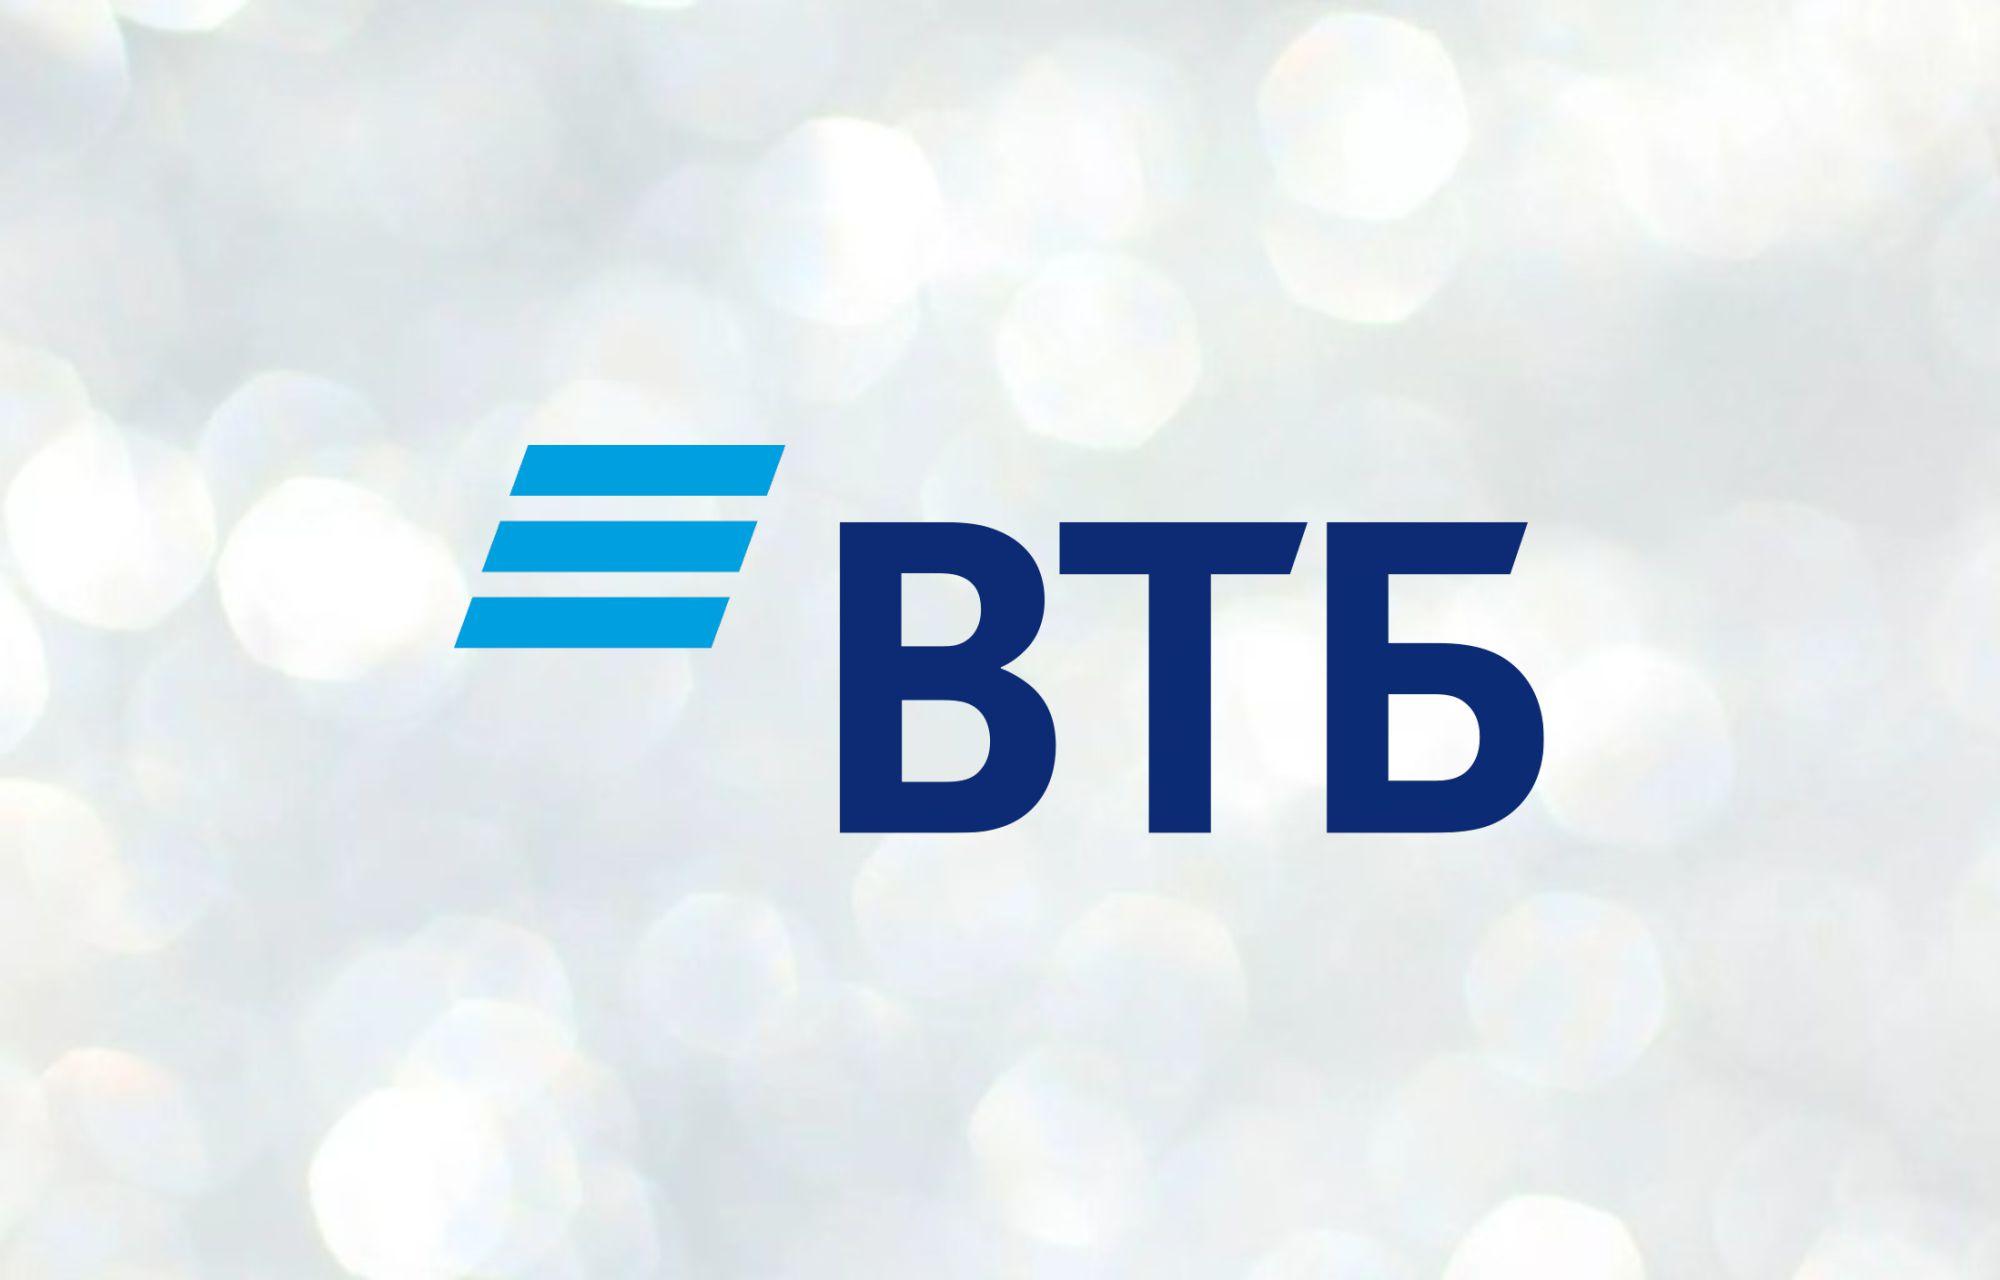 ВТБ 24 - отказ от договора коллективного страхования, возврат денег, программы